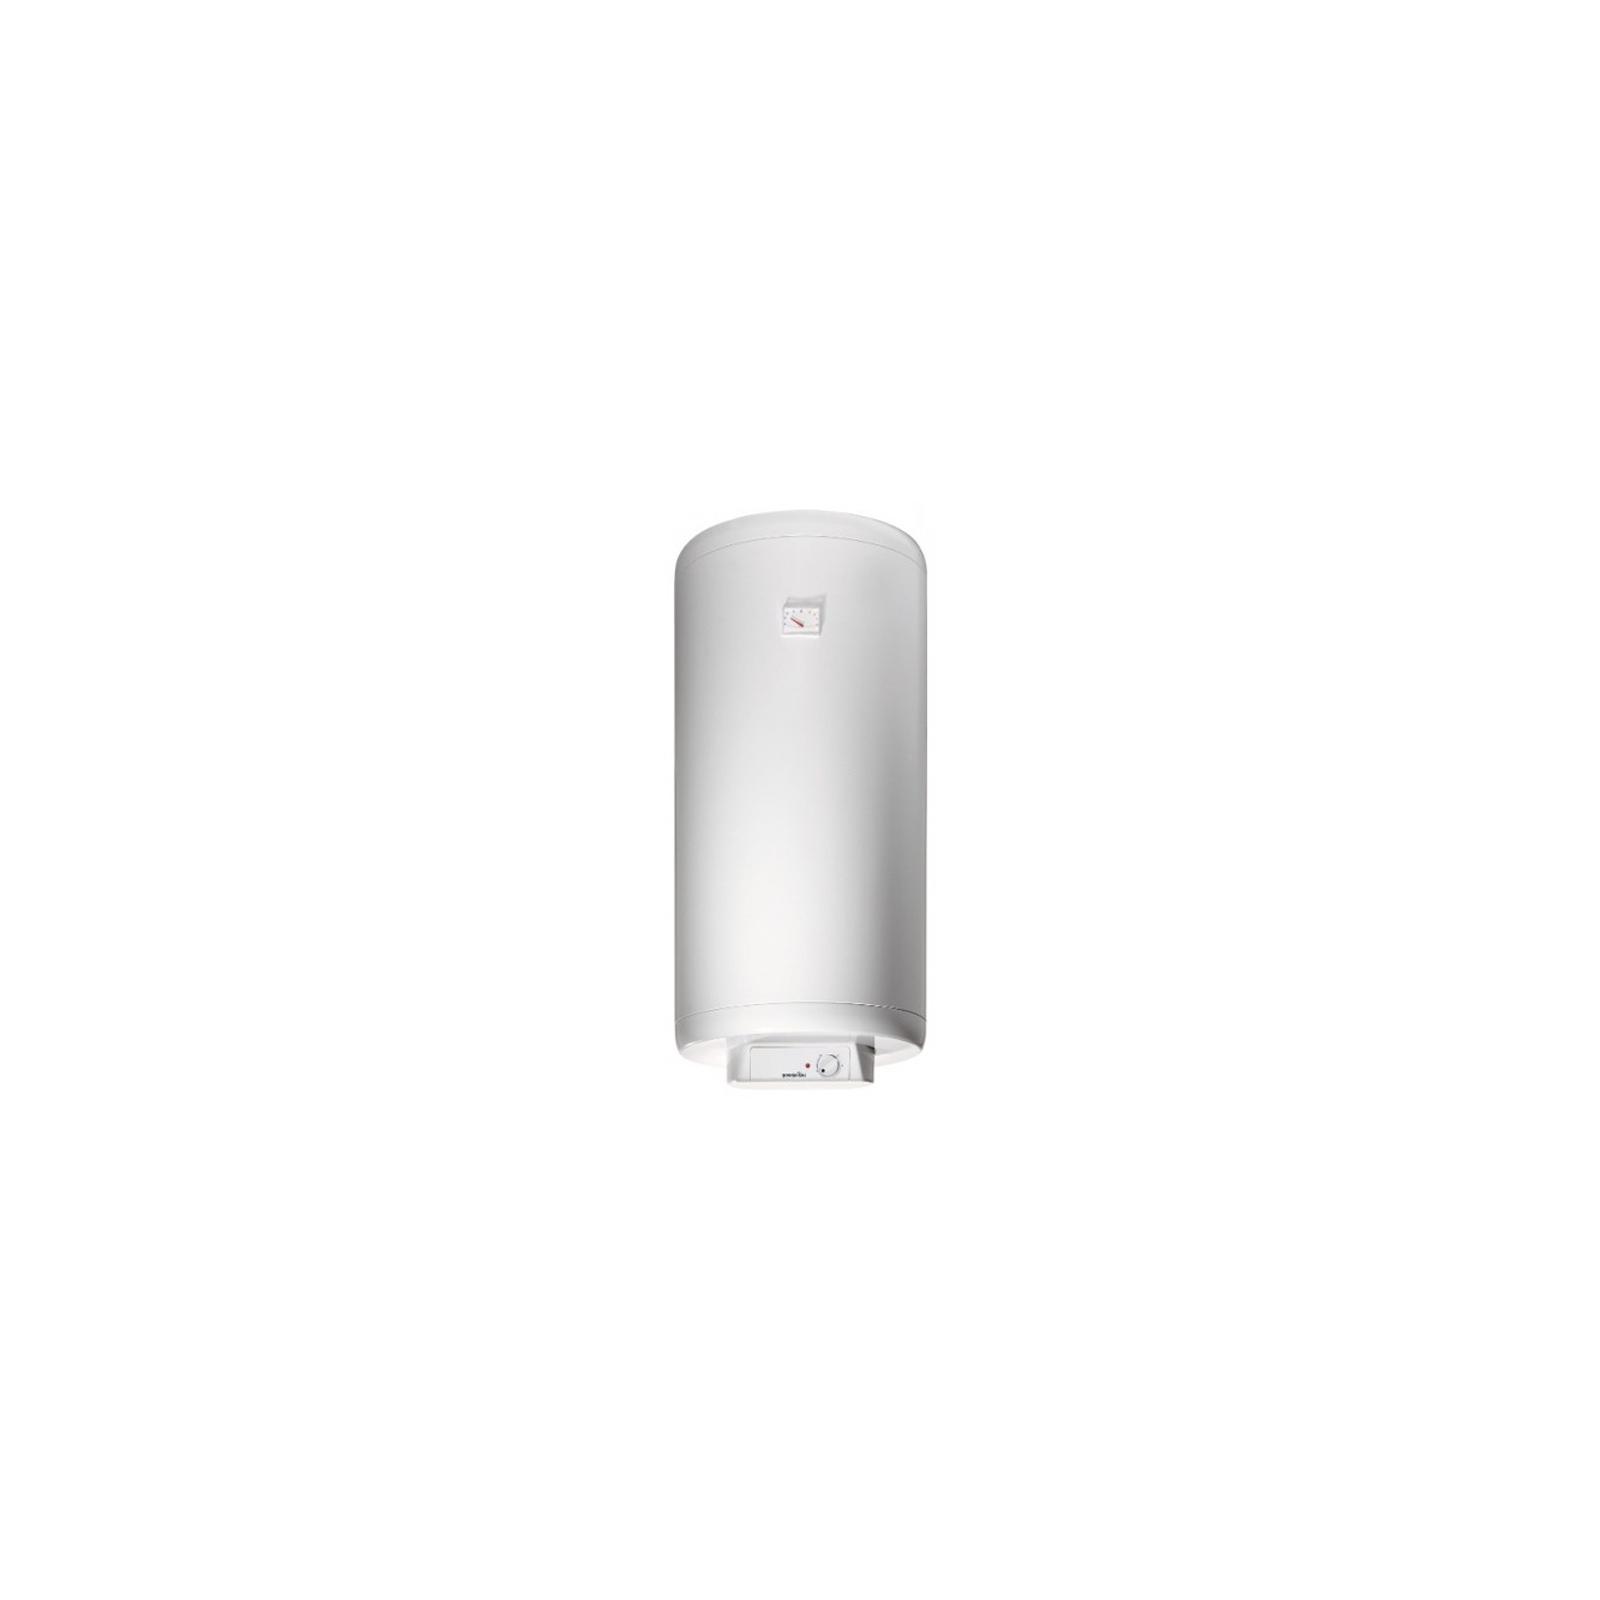 Бойлер косвенного нагрева Gorenje GBK 120 LN/V9 (GBK120LN/V9)